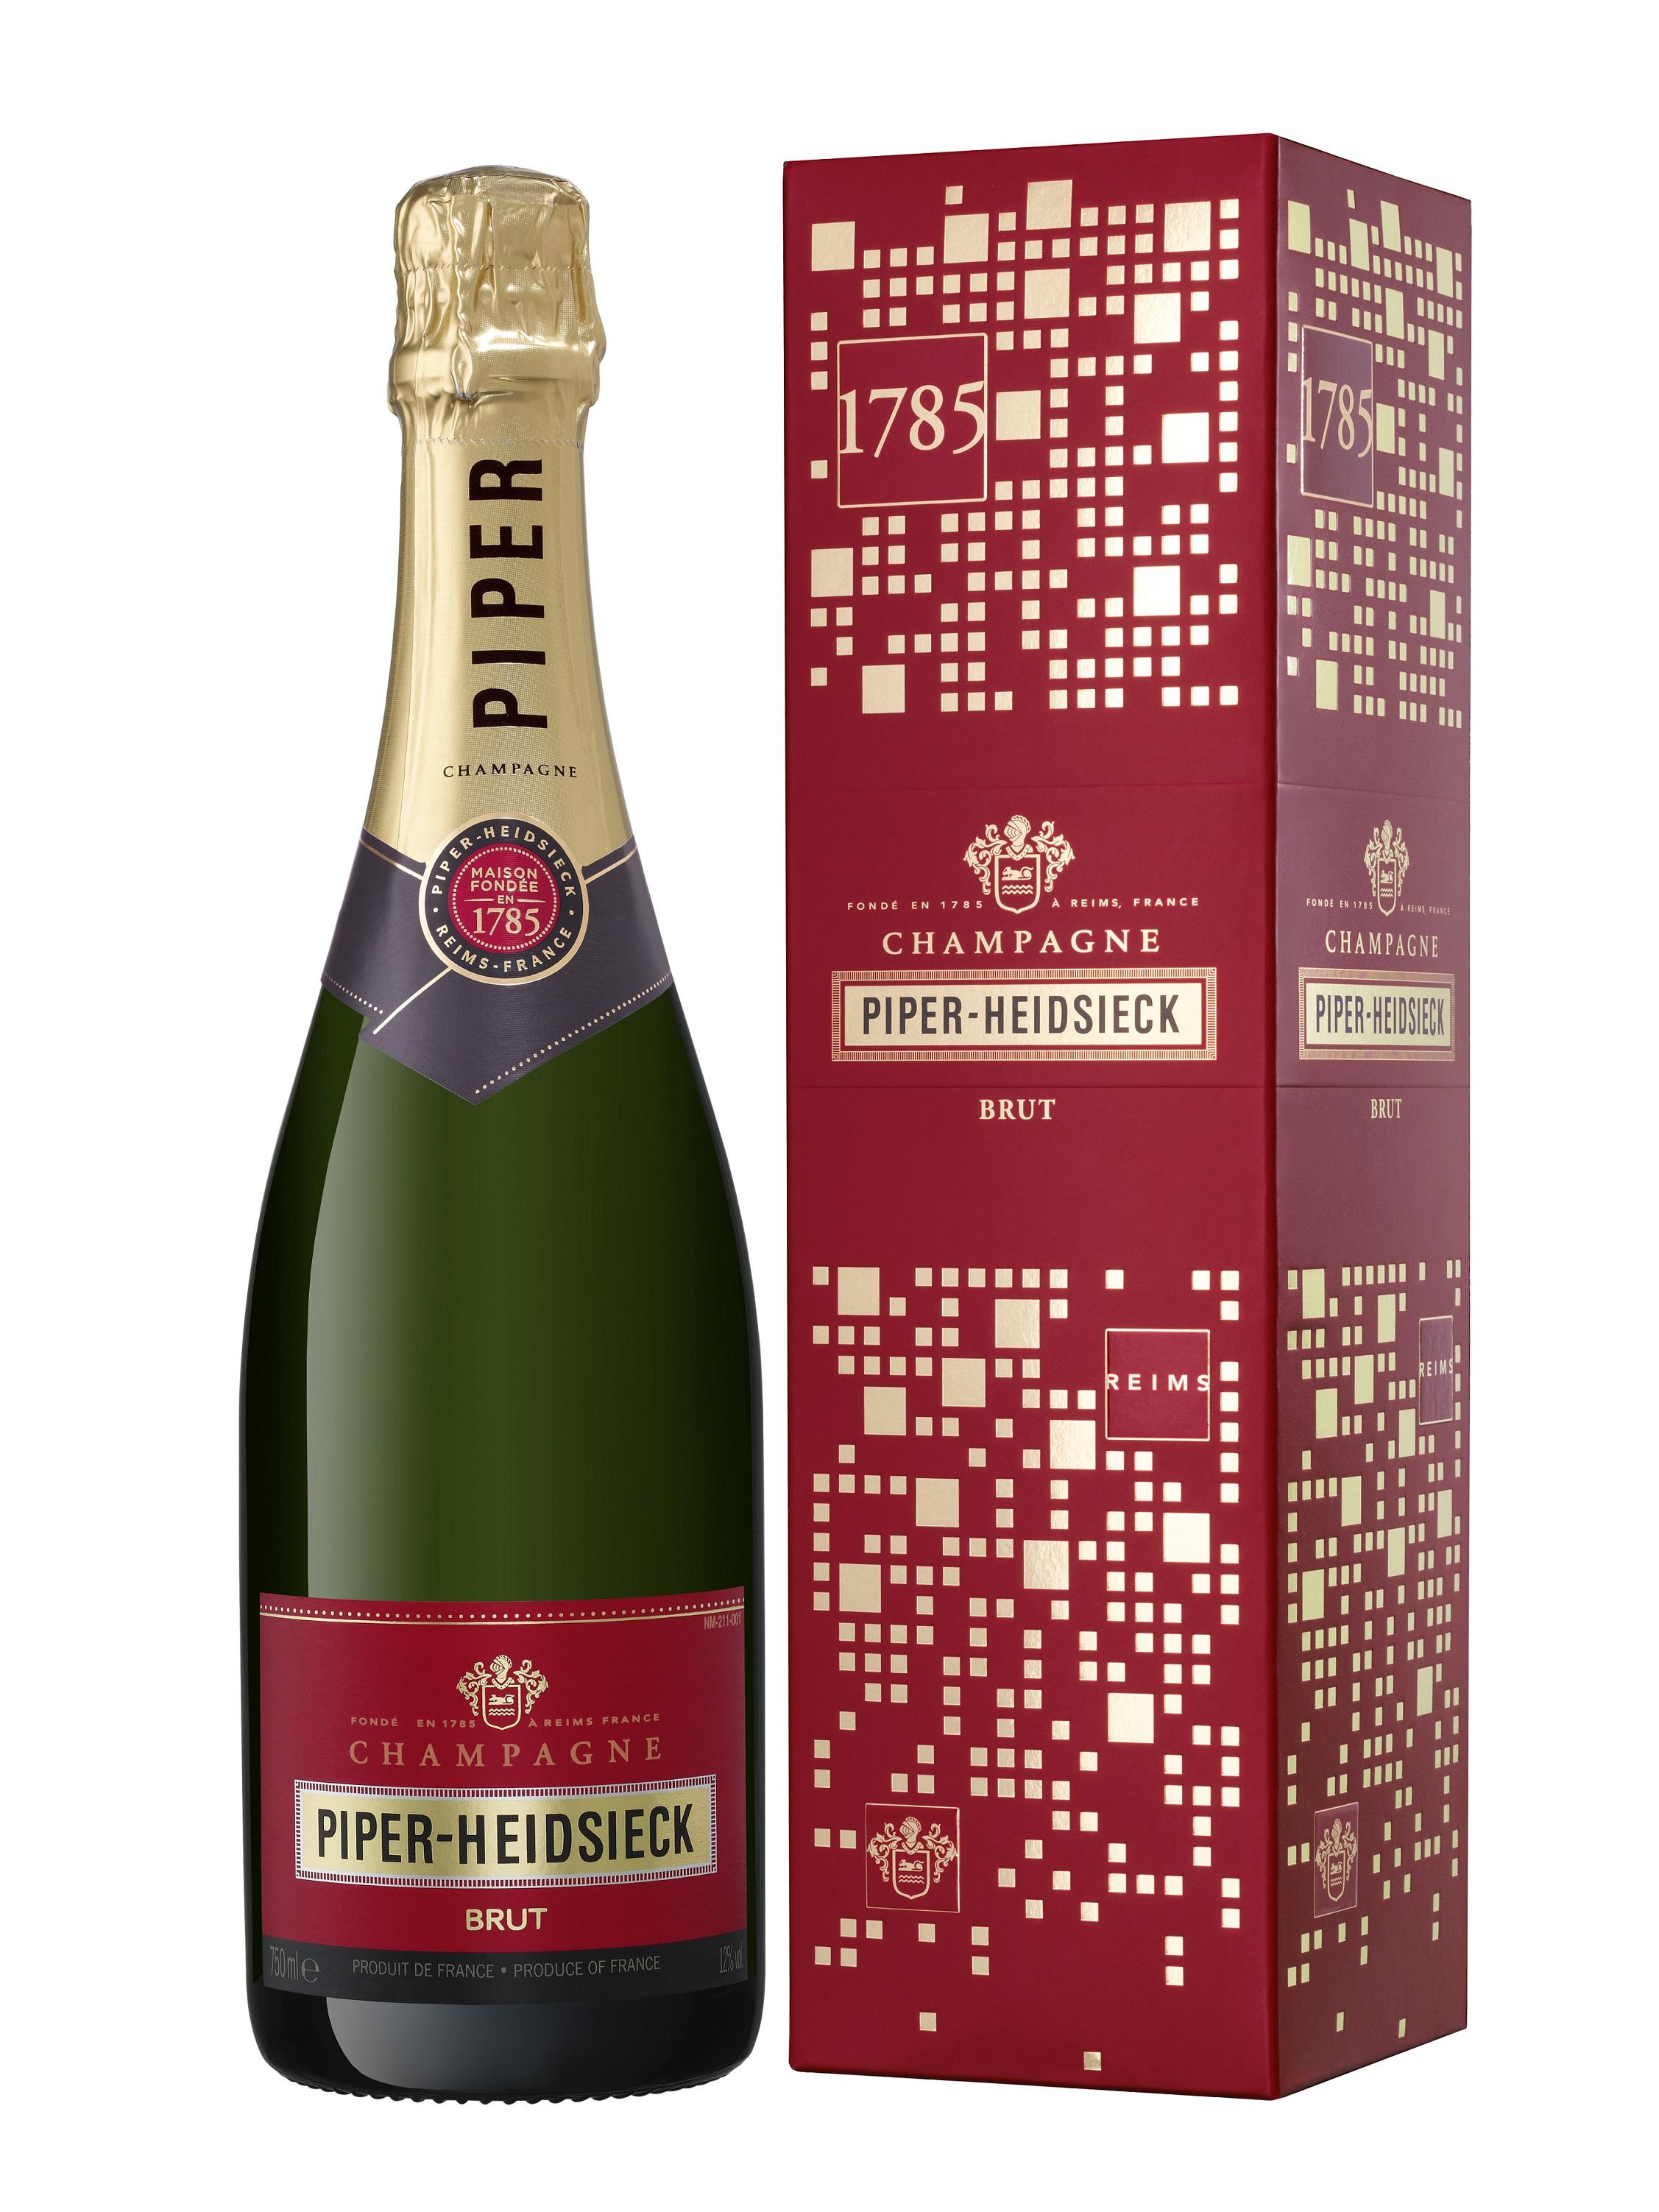 Champagne Piper Heidsieck Cuvée Brut